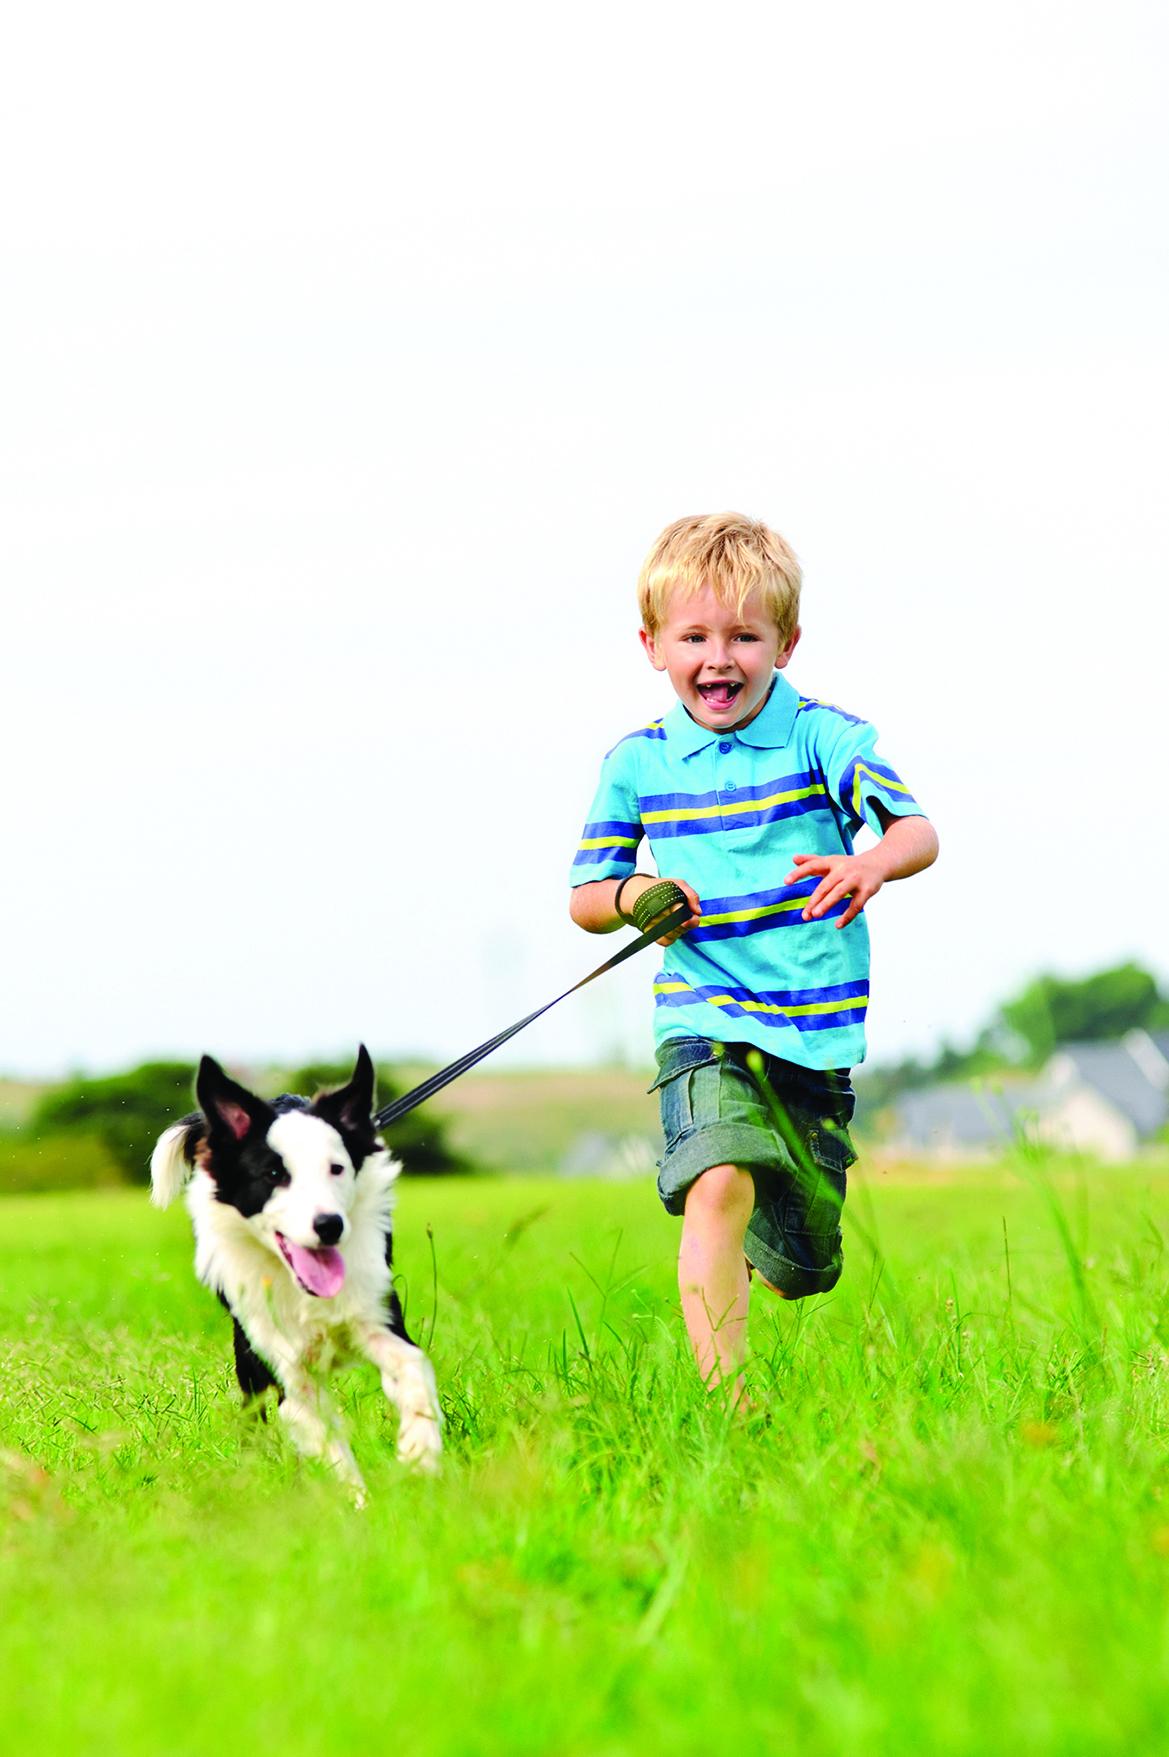 邊境牧羊犬充滿活力,心思細膩且精力旺盛。